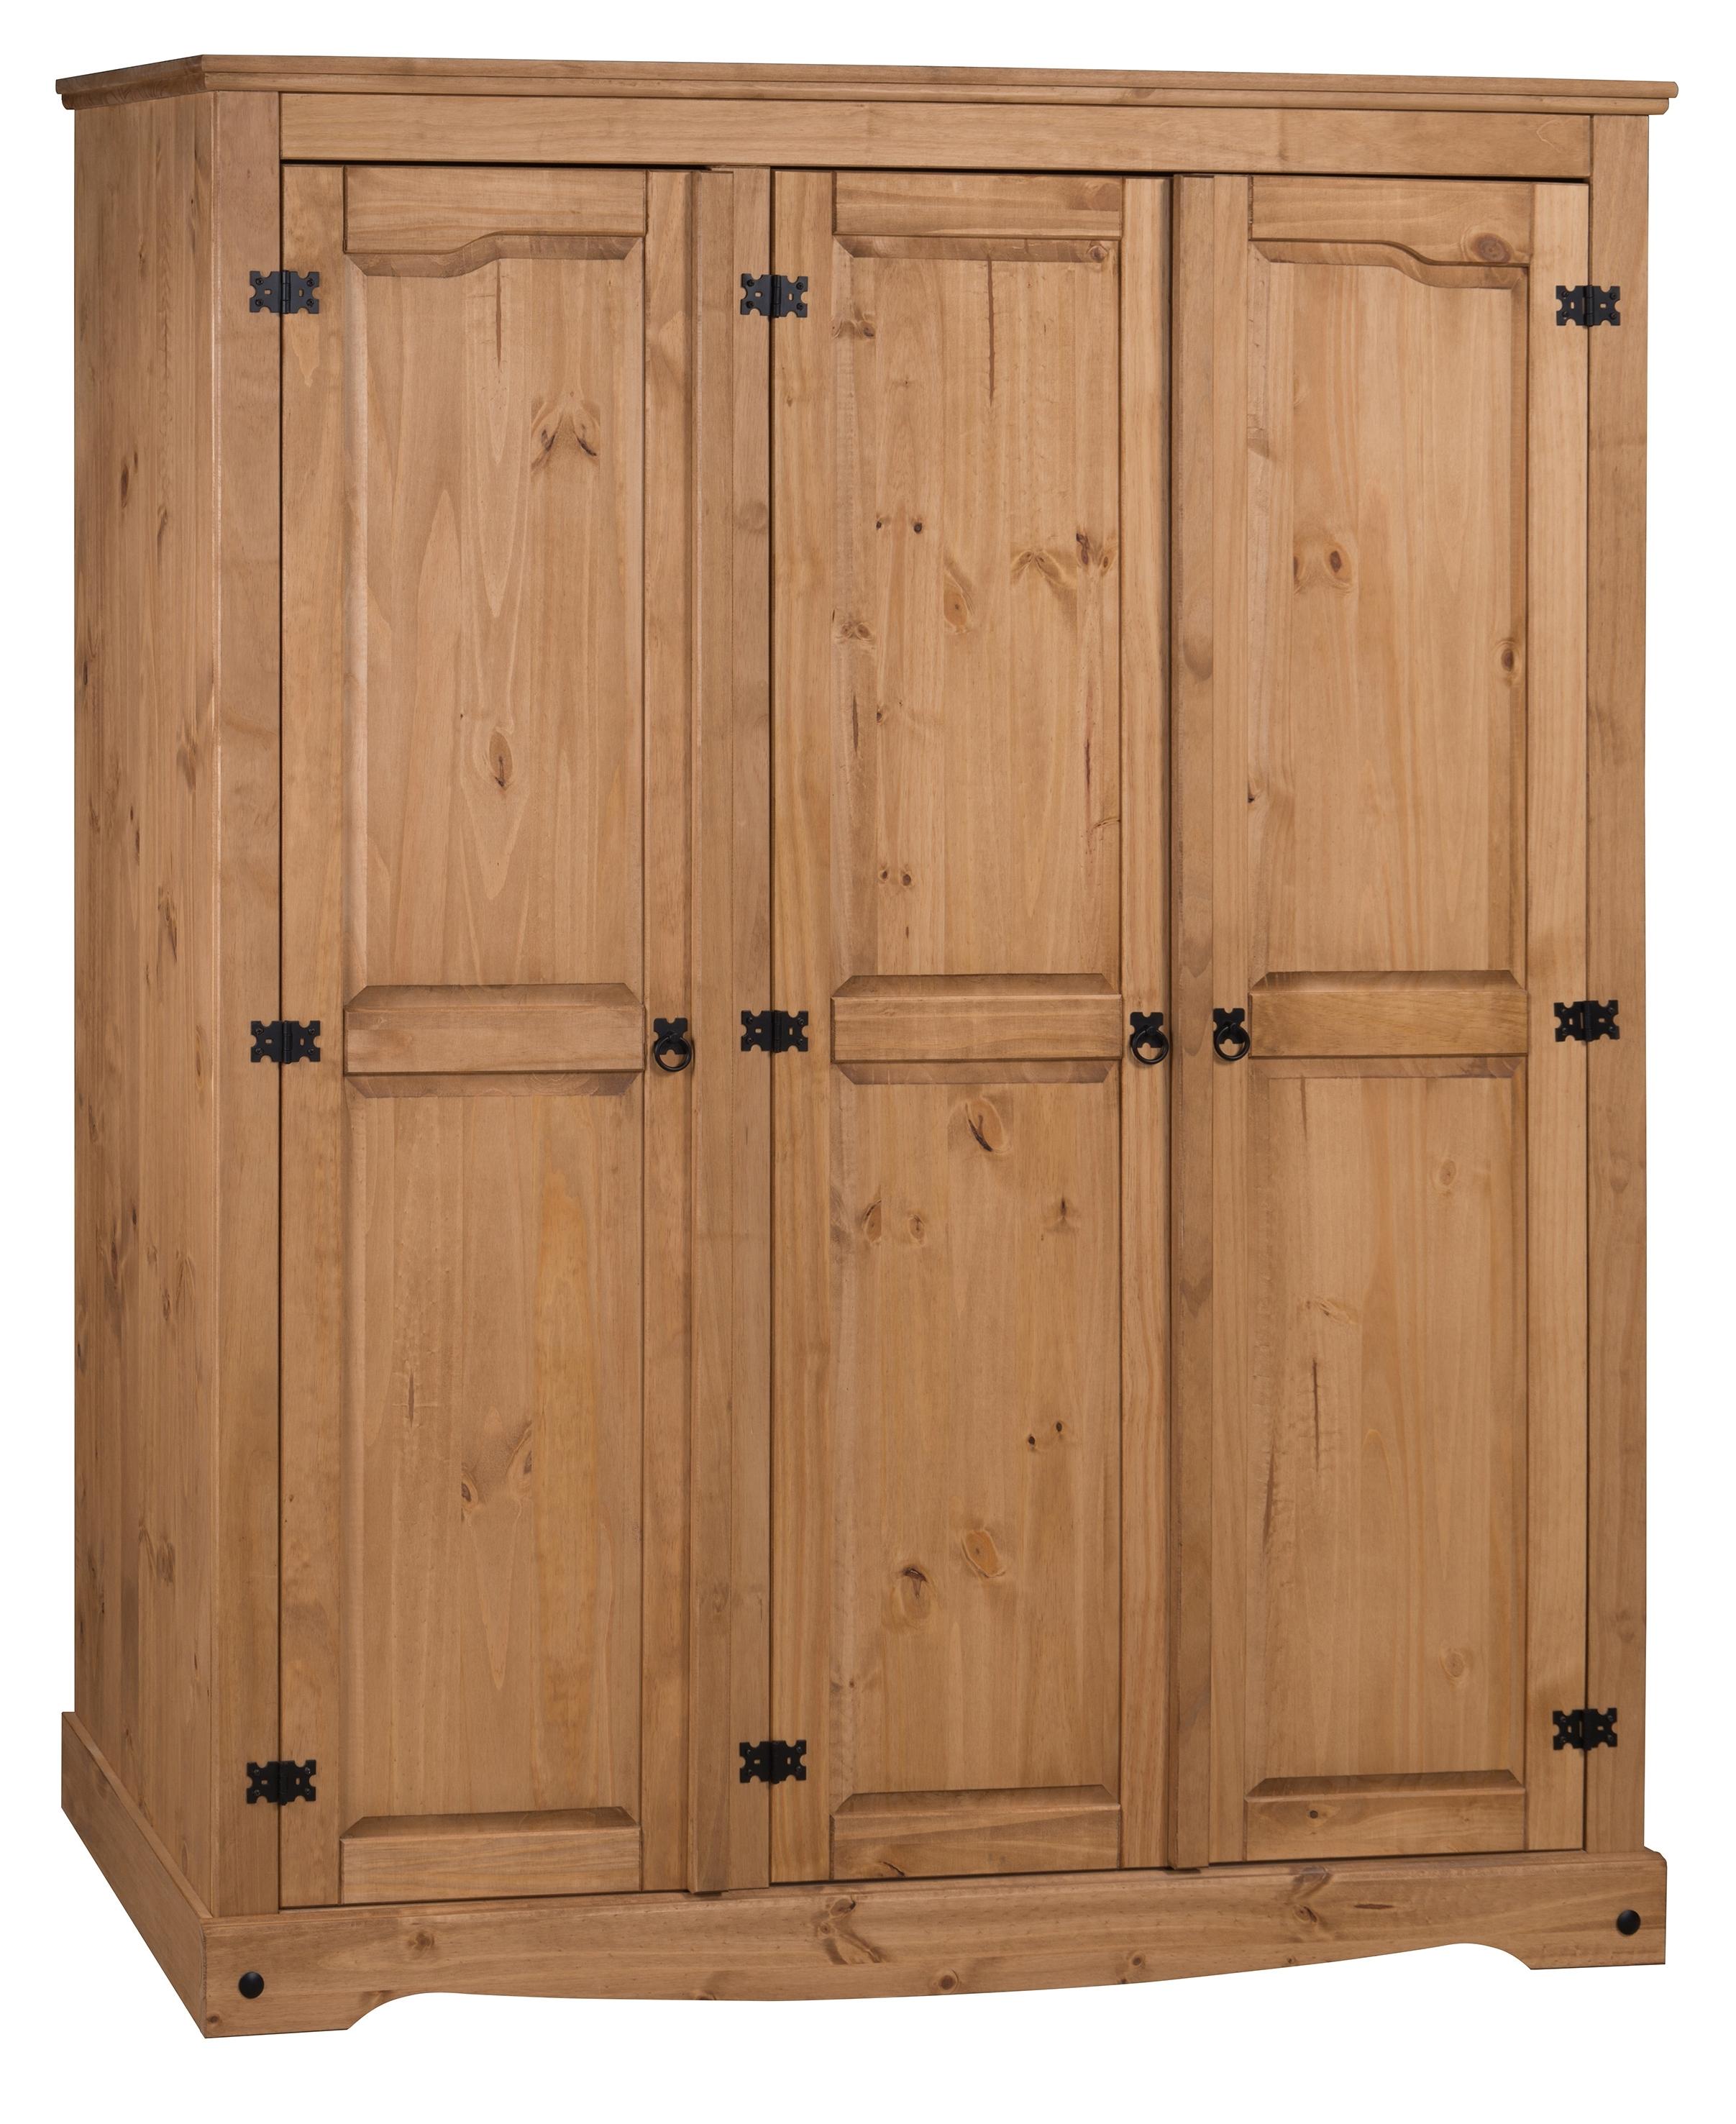 Corona 3 Door Flat Top Wardrobe Within Fashionable Corona 3 Door Wardrobes (View 11 of 15)